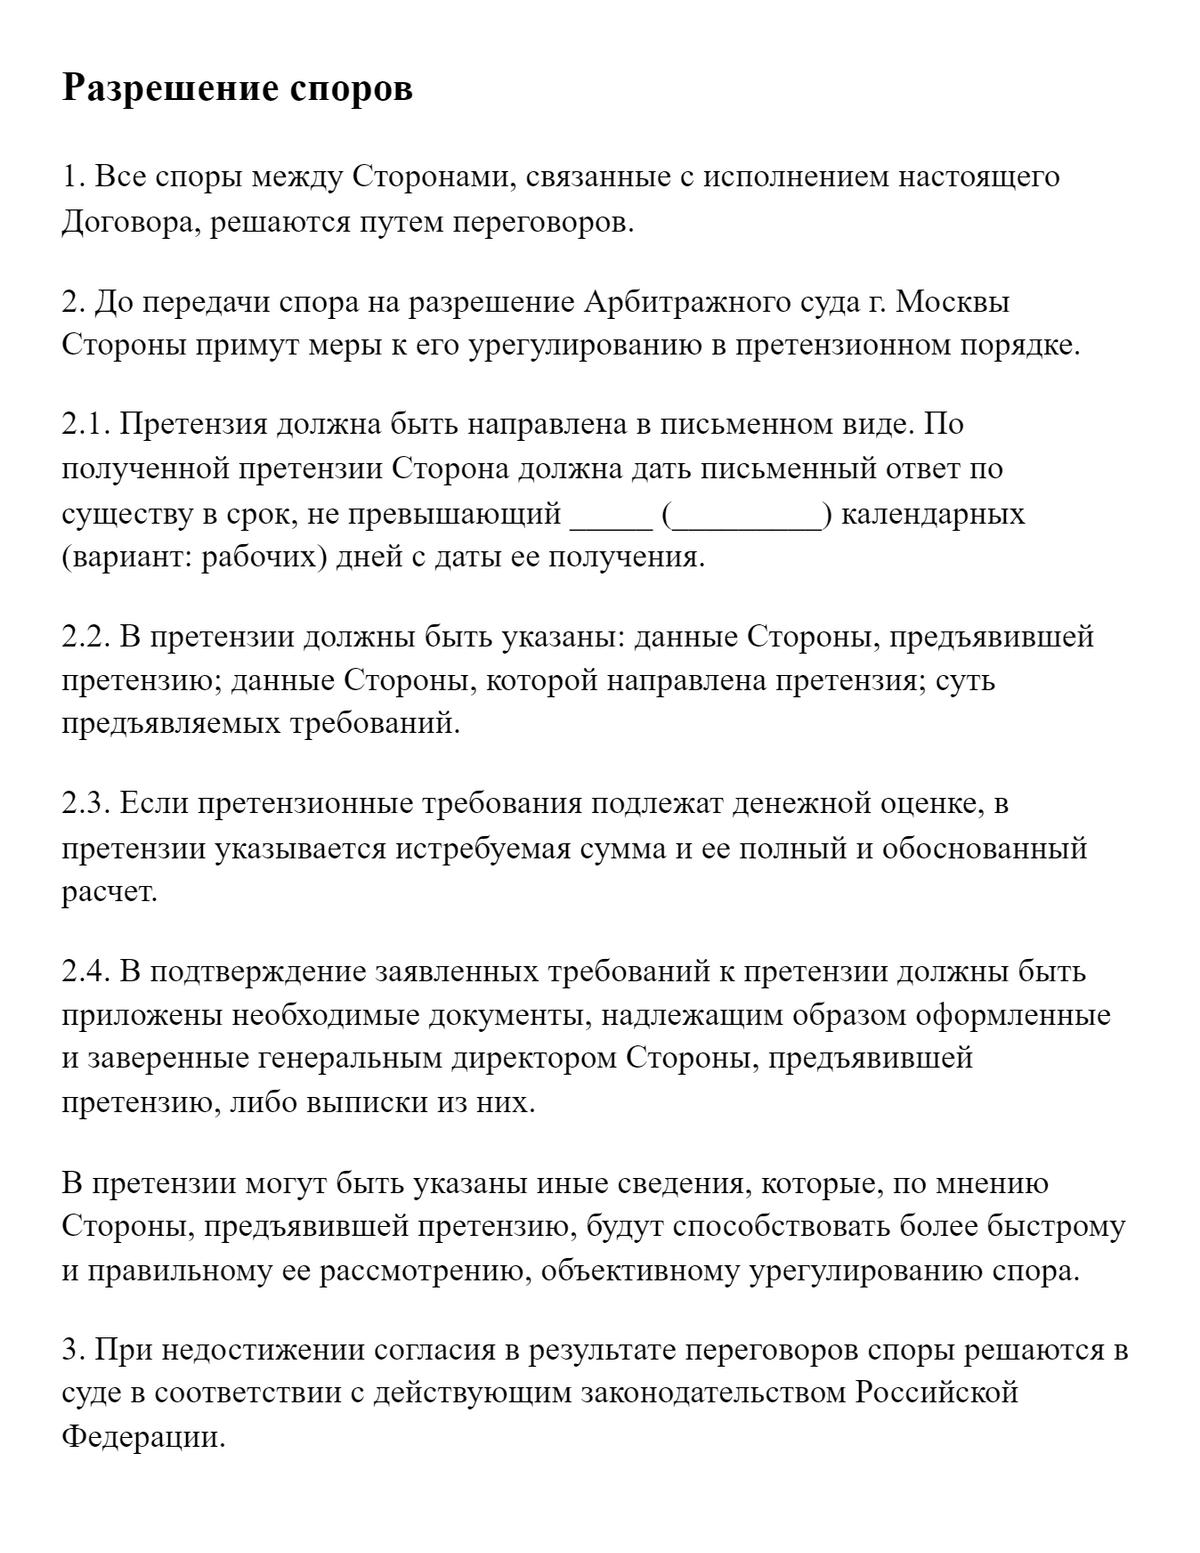 Пример формулировки в договоре о претензионном порядке